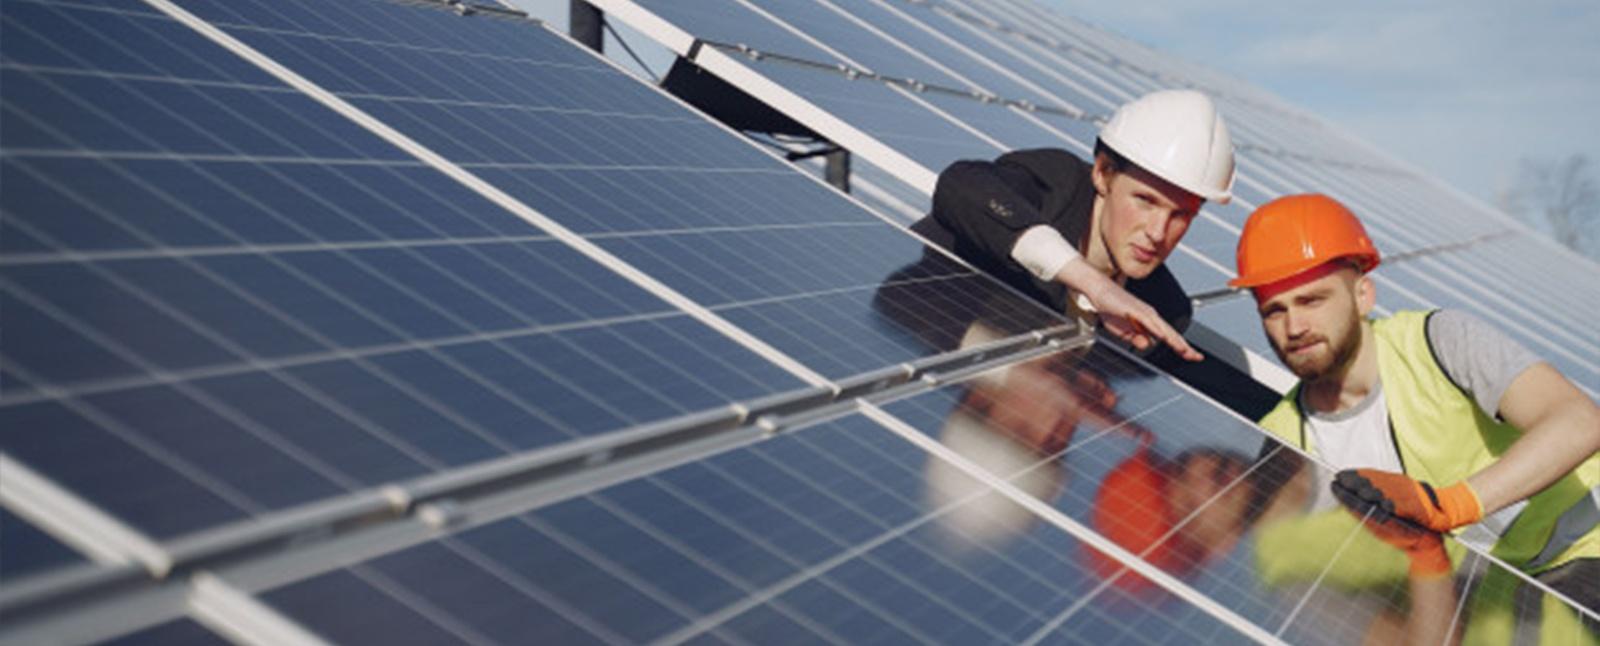 1 MW Solar Power Plant